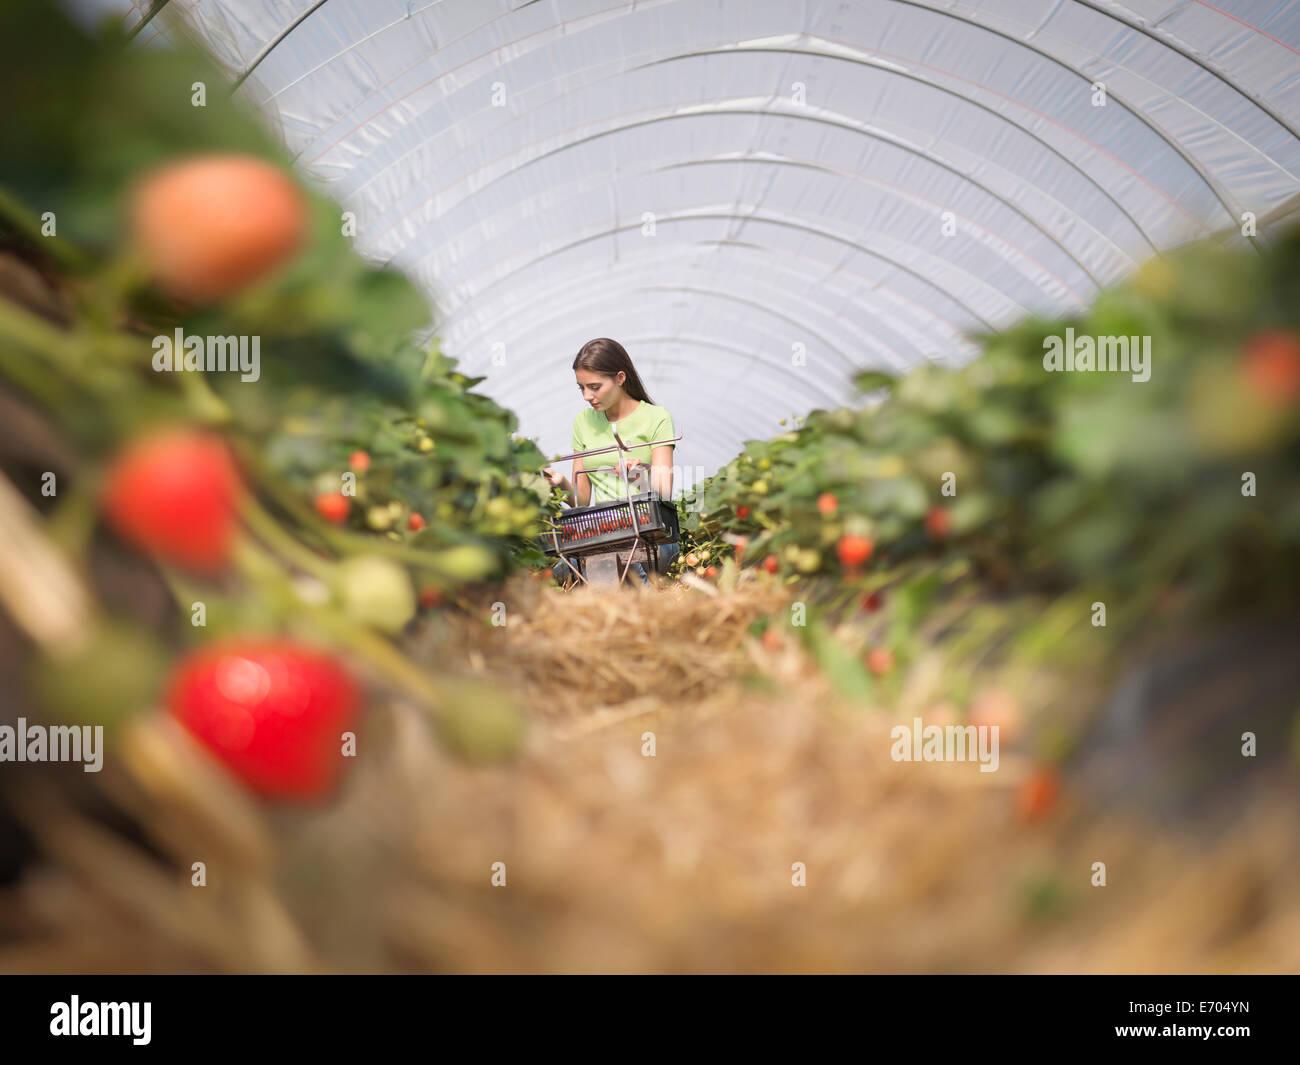 Lavoratore la raccolta di fragole in azienda frutticola Foto Stock